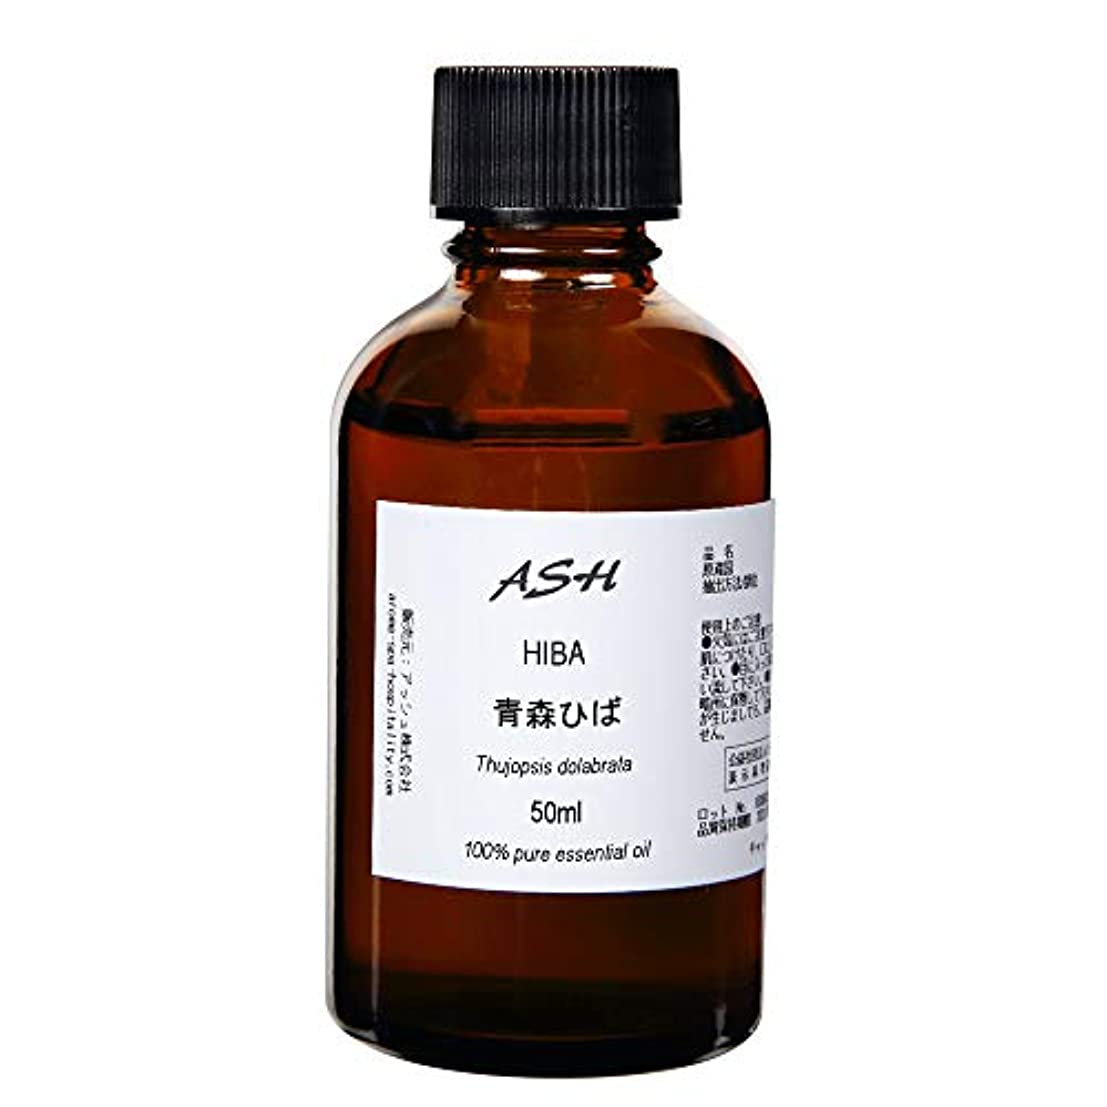 材料重要入力ASH 青森ひば エッセンシャルオイル 50ml AEAJ表示基準適合認定精油 和精油